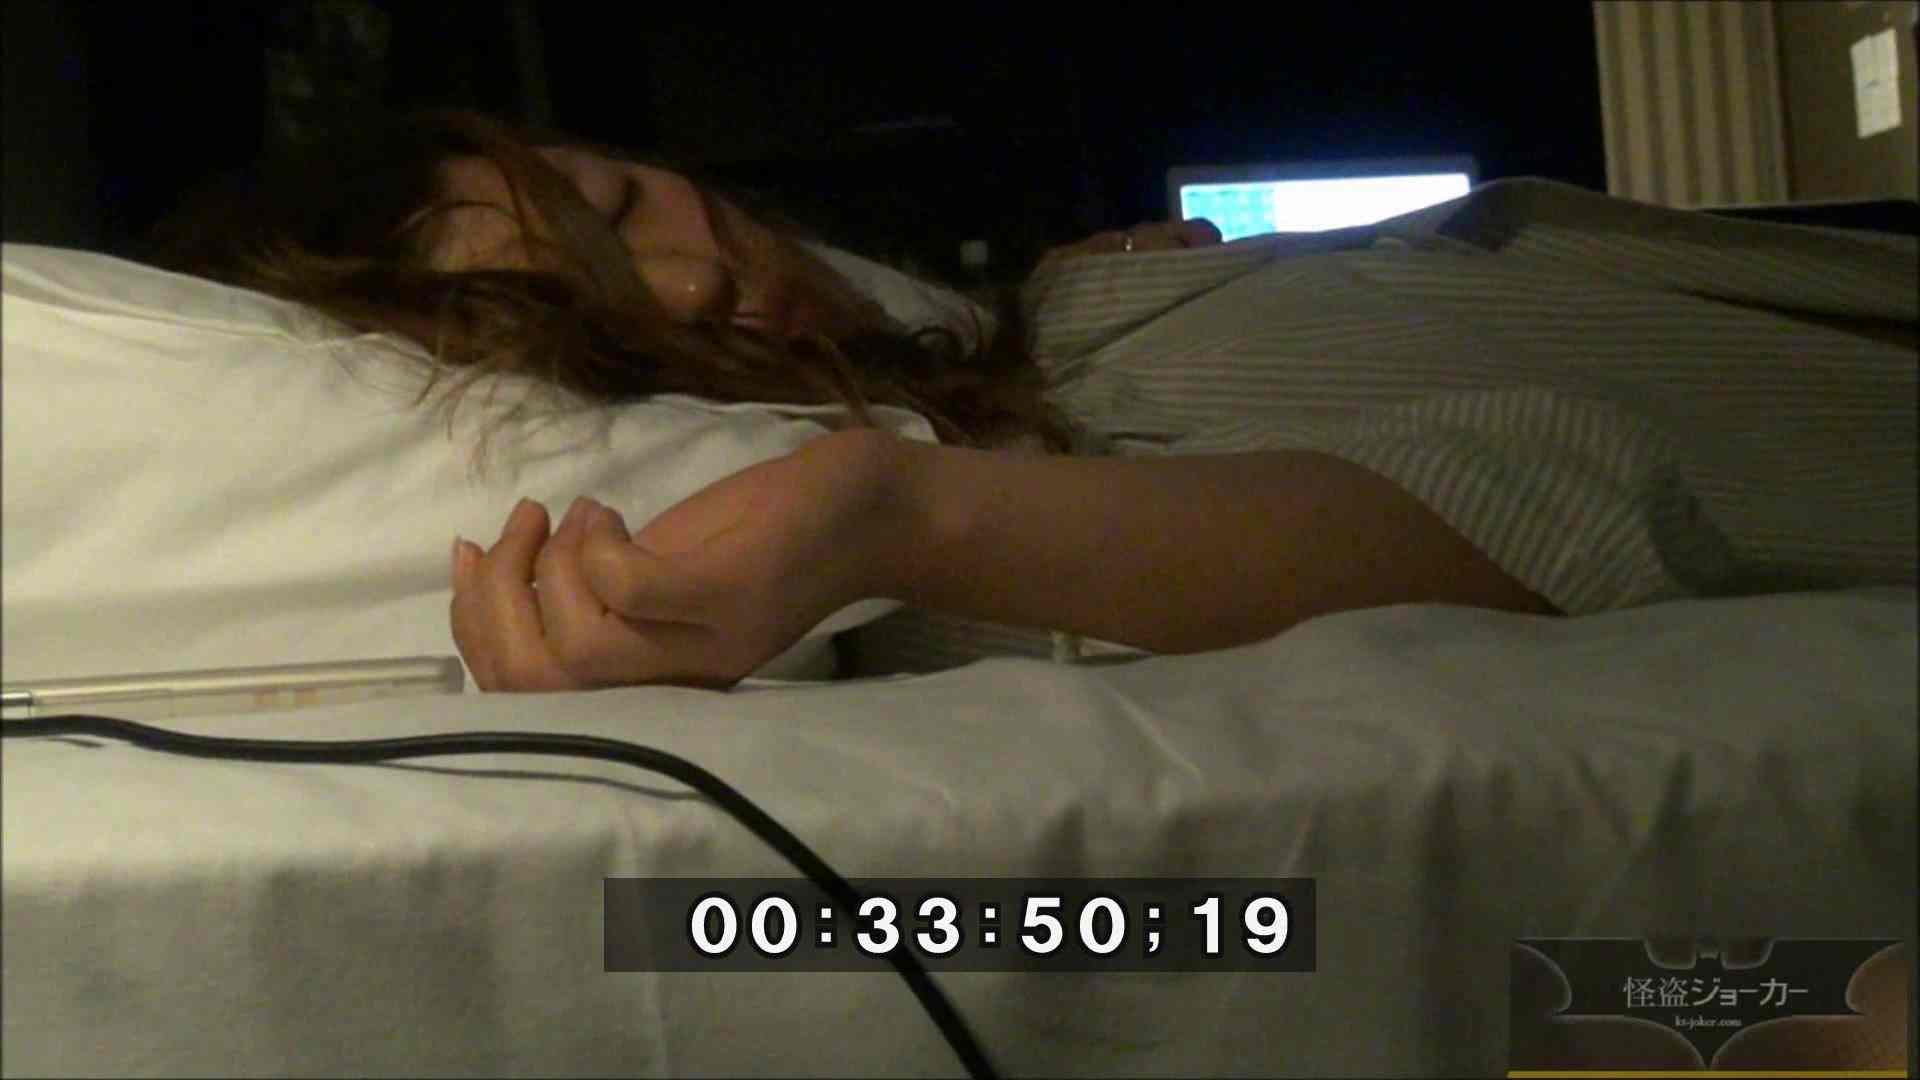 【未公開】vol.61 さよならHKちゃん飛んだ意識でエッチさせていただきました。 ホテルで絶頂 SEX無修正画像 106画像 19